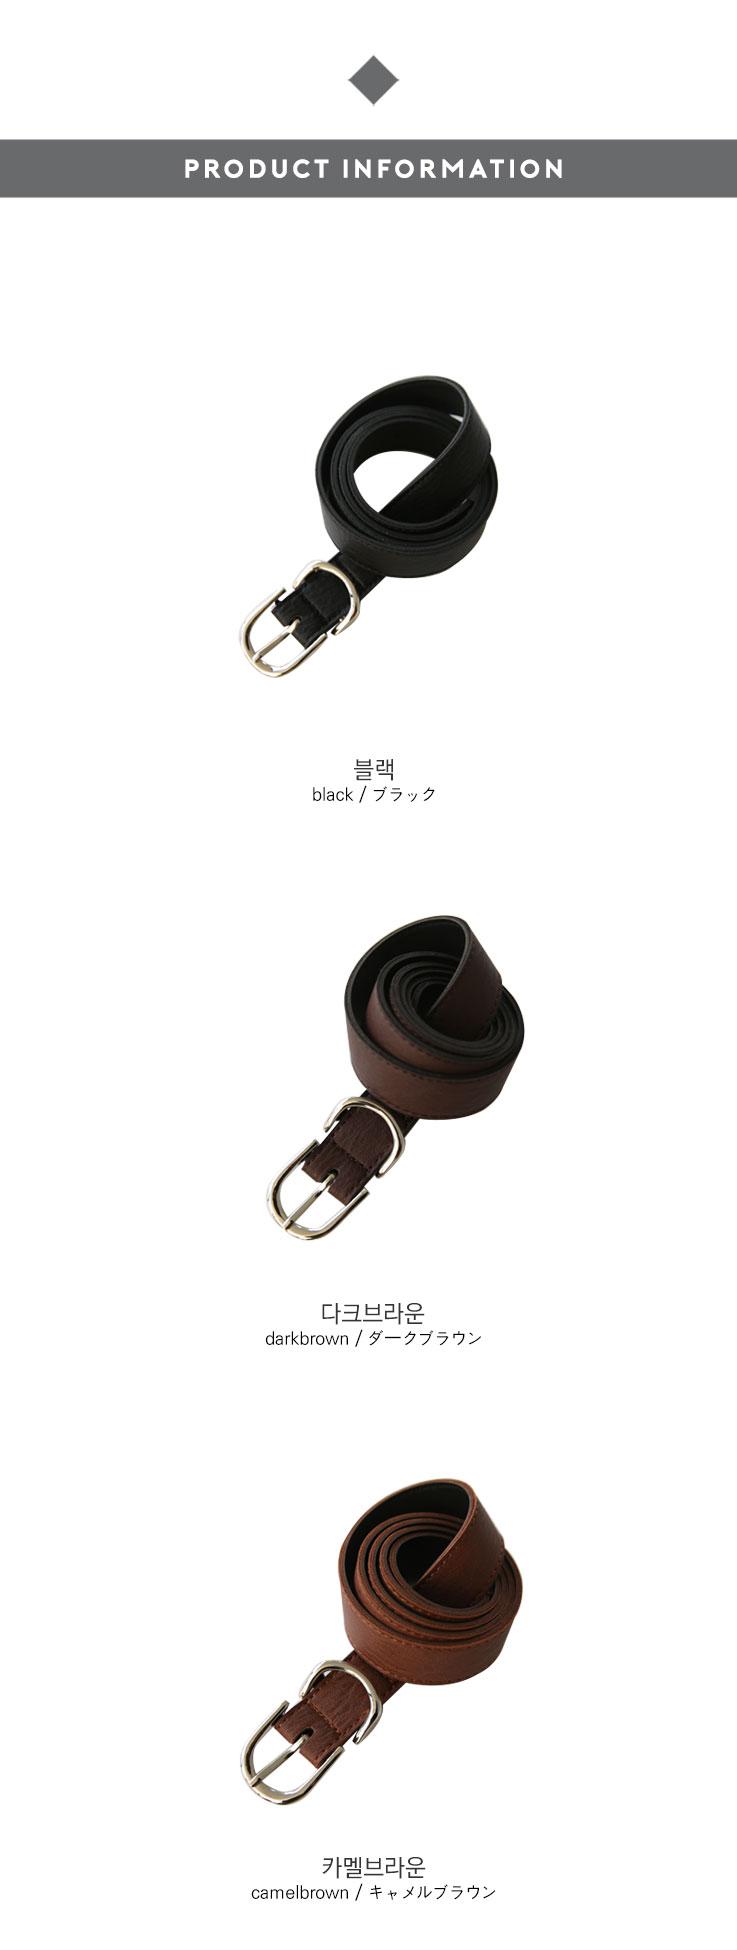 Doublering-belt